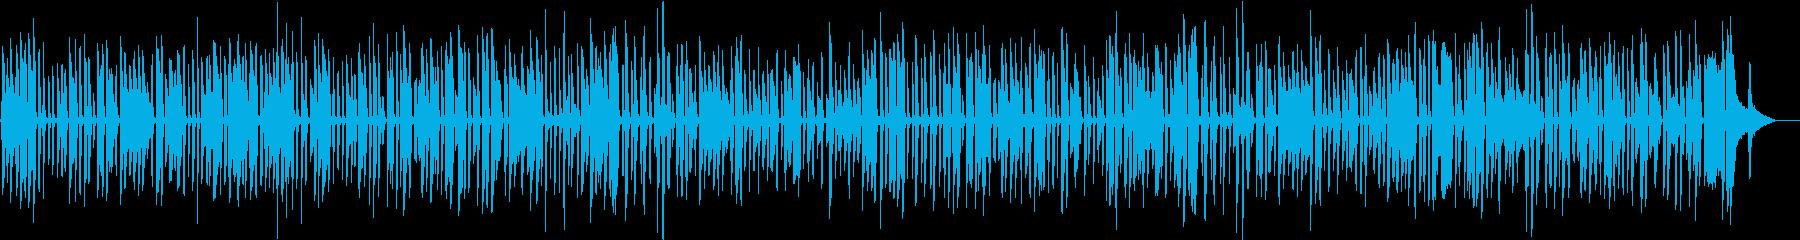 ディズニーで流れる陽気なソロジャズピアノの再生済みの波形